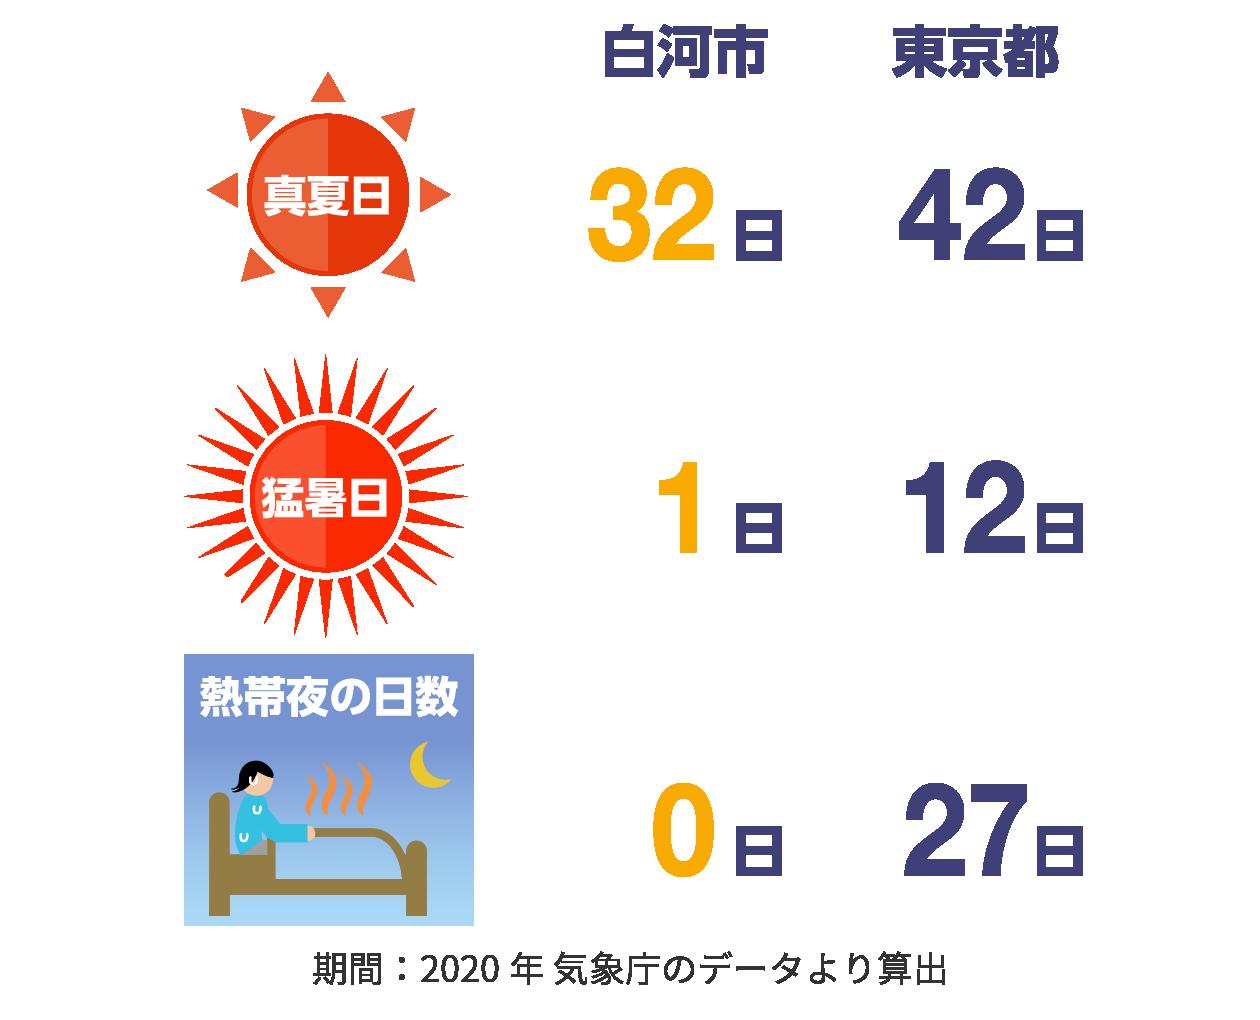 白河市と東京都の気候の比較